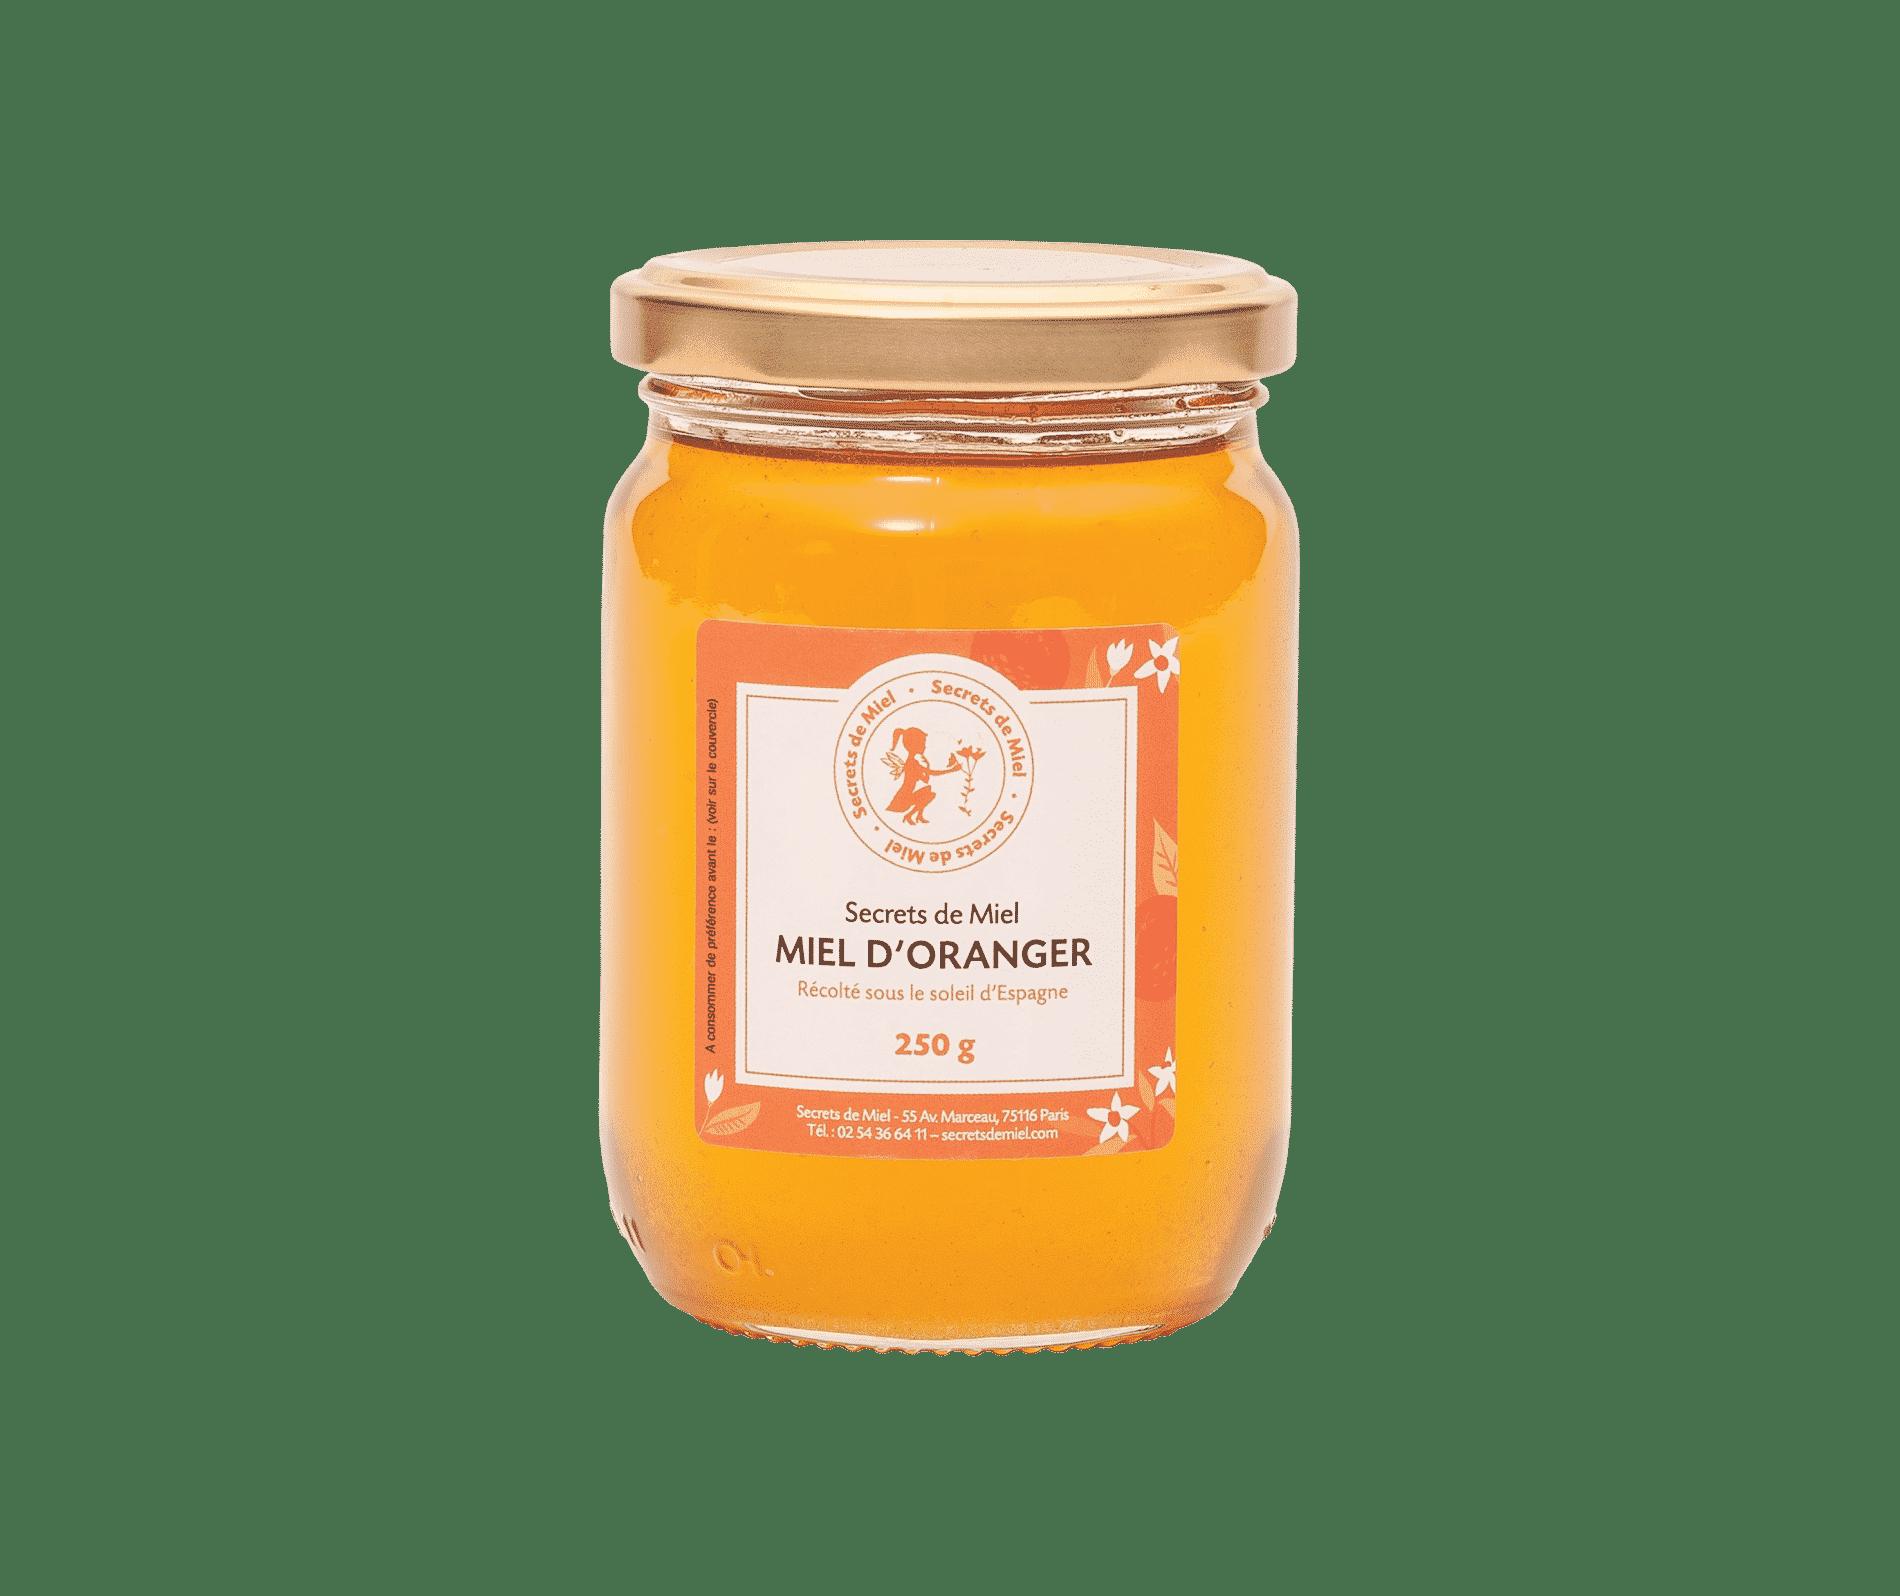 miel d'oranger - miel d'argumes - miel Secrets de Miel - miel liquide - miel fleuri